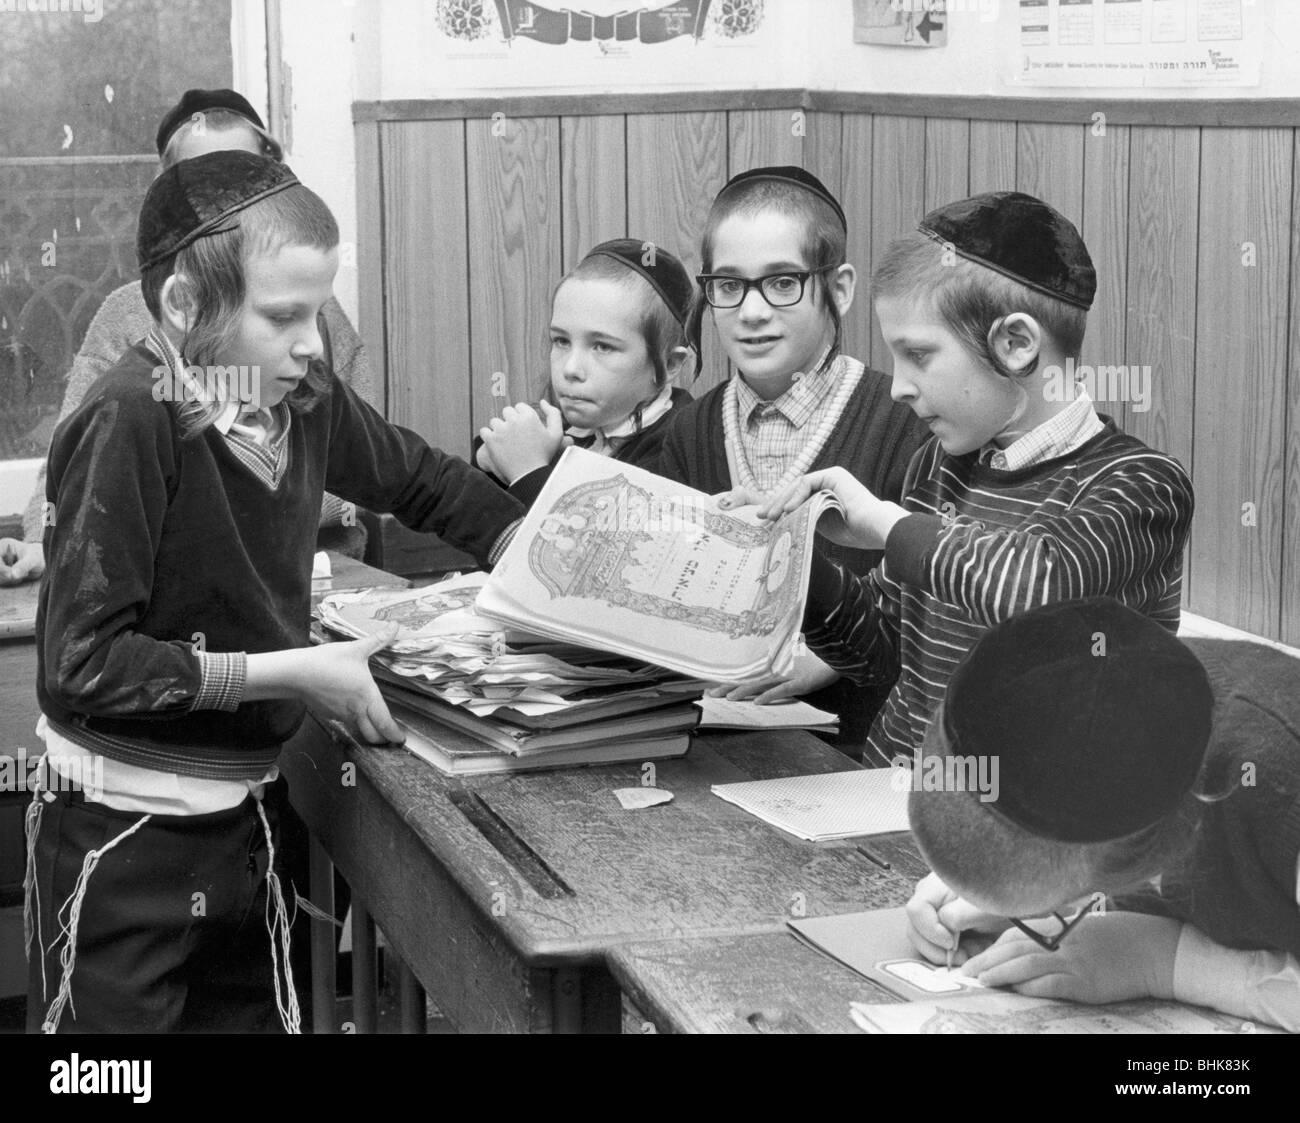 Jewish primary school children, December 1985. Artist: Sidney Harris - Stock Image